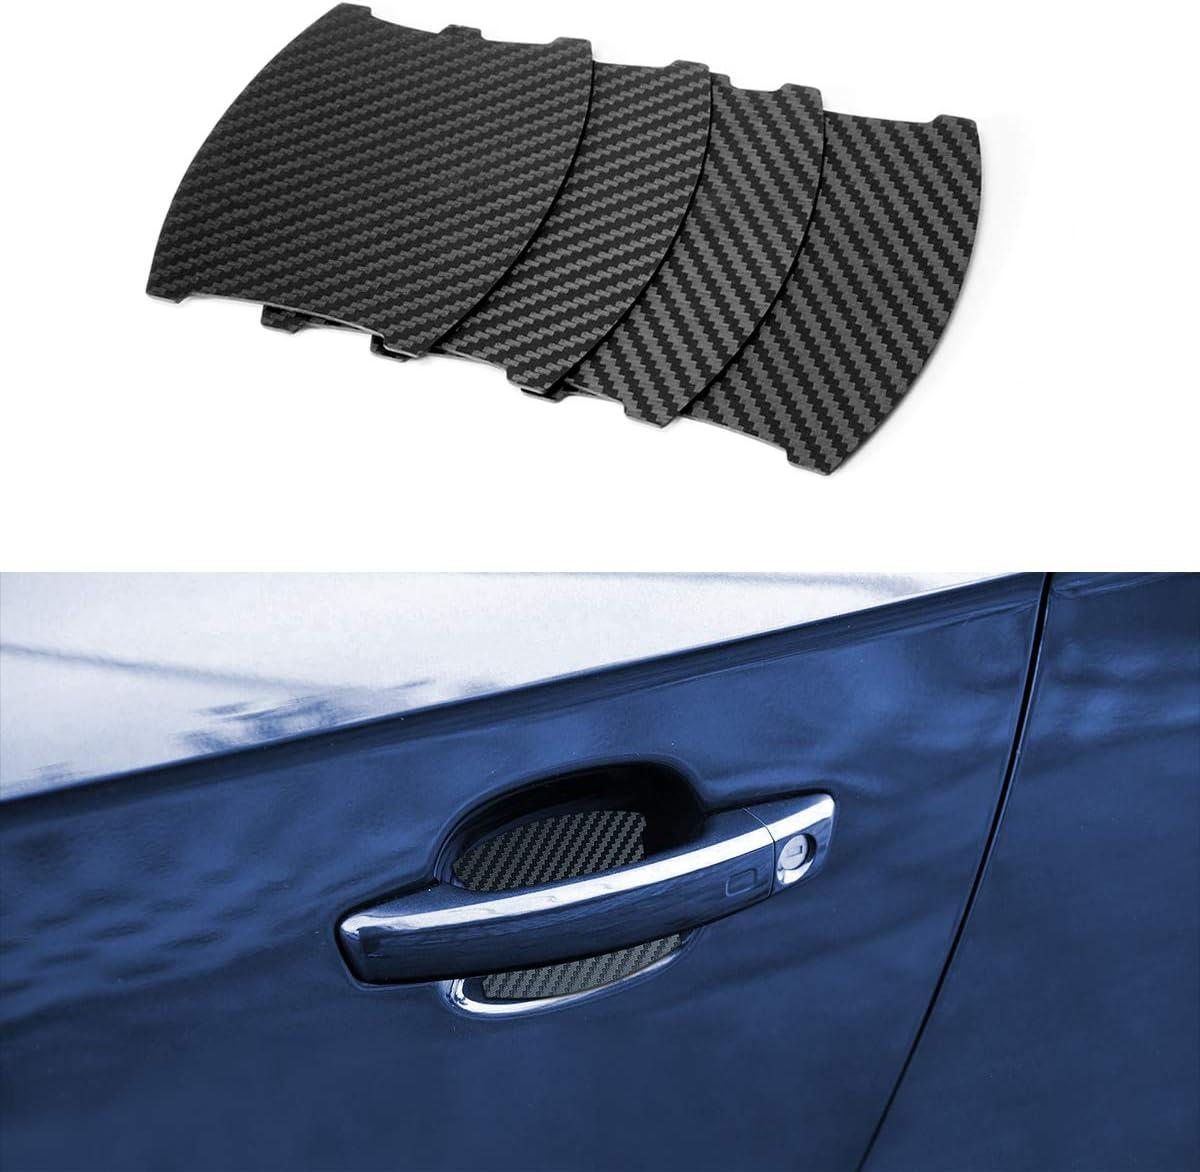 MLING 4 Pezzi Magnetico Auto Porta Maniglia Scanalatura Protettore Anti Graffio Protettive Copertina Compatibile per TT